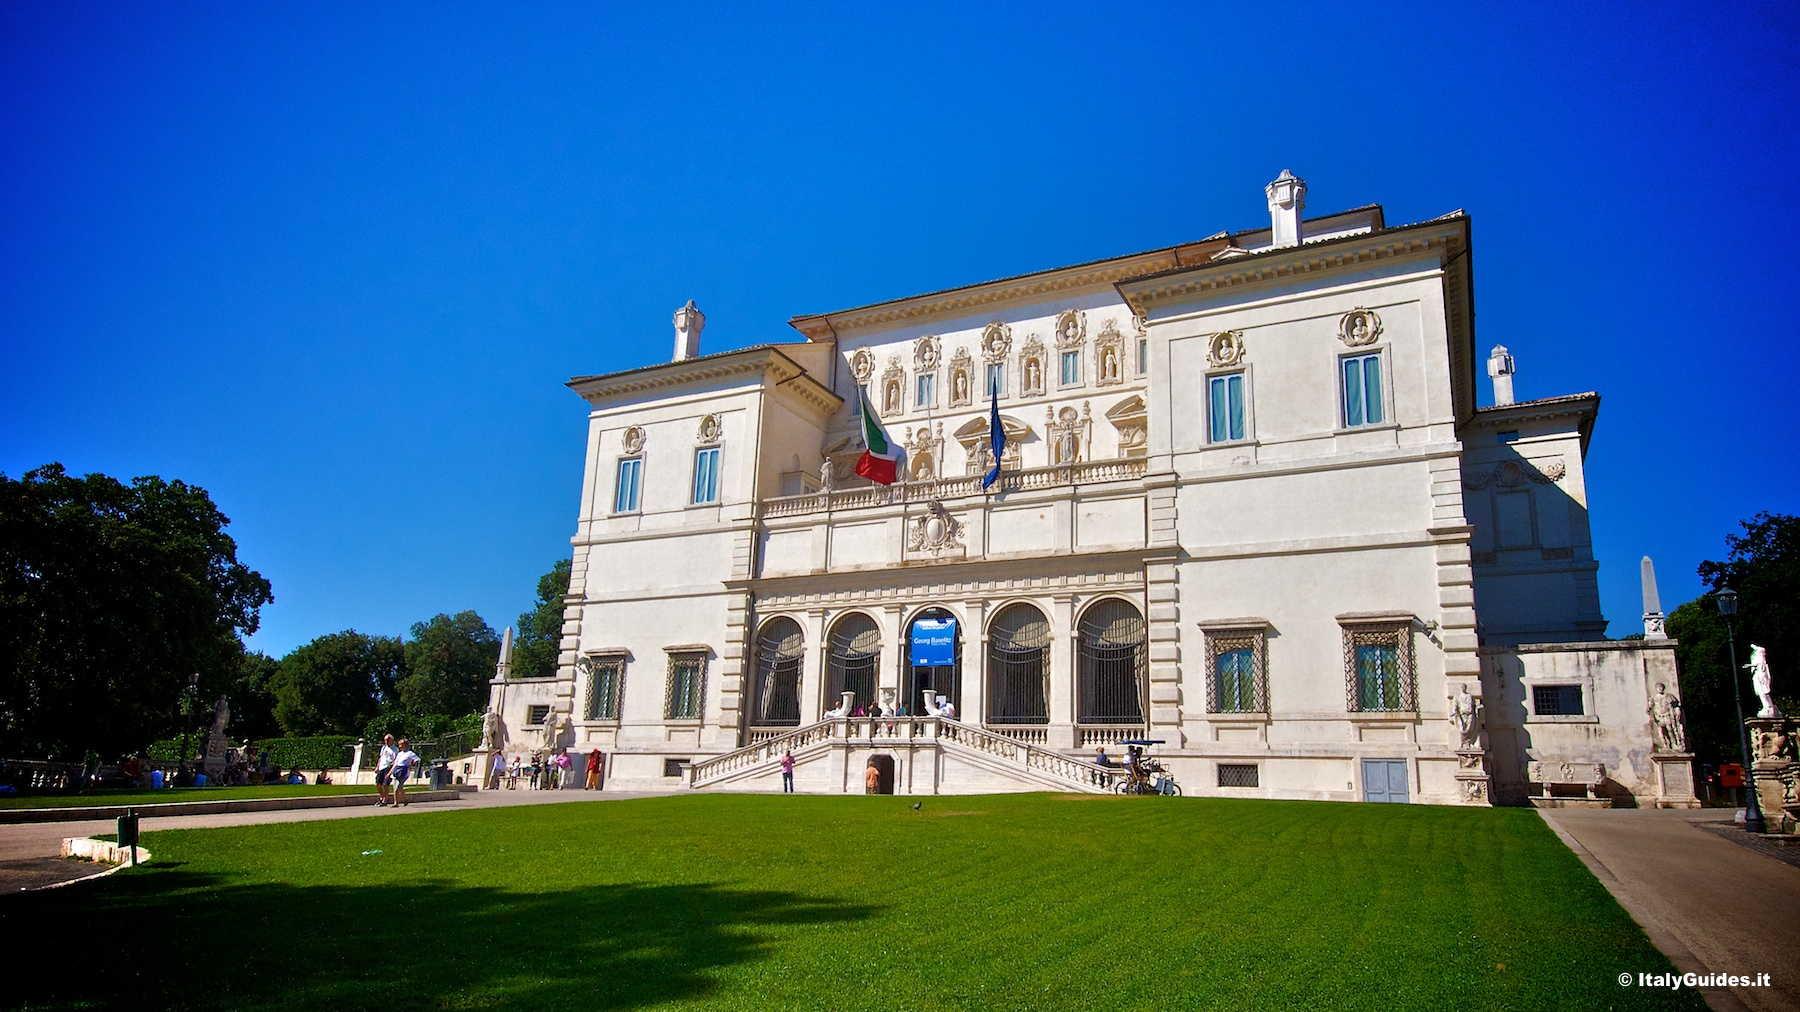 Pics Of Gardens Galleria Fotografica Le Foto Di Villa Borghese